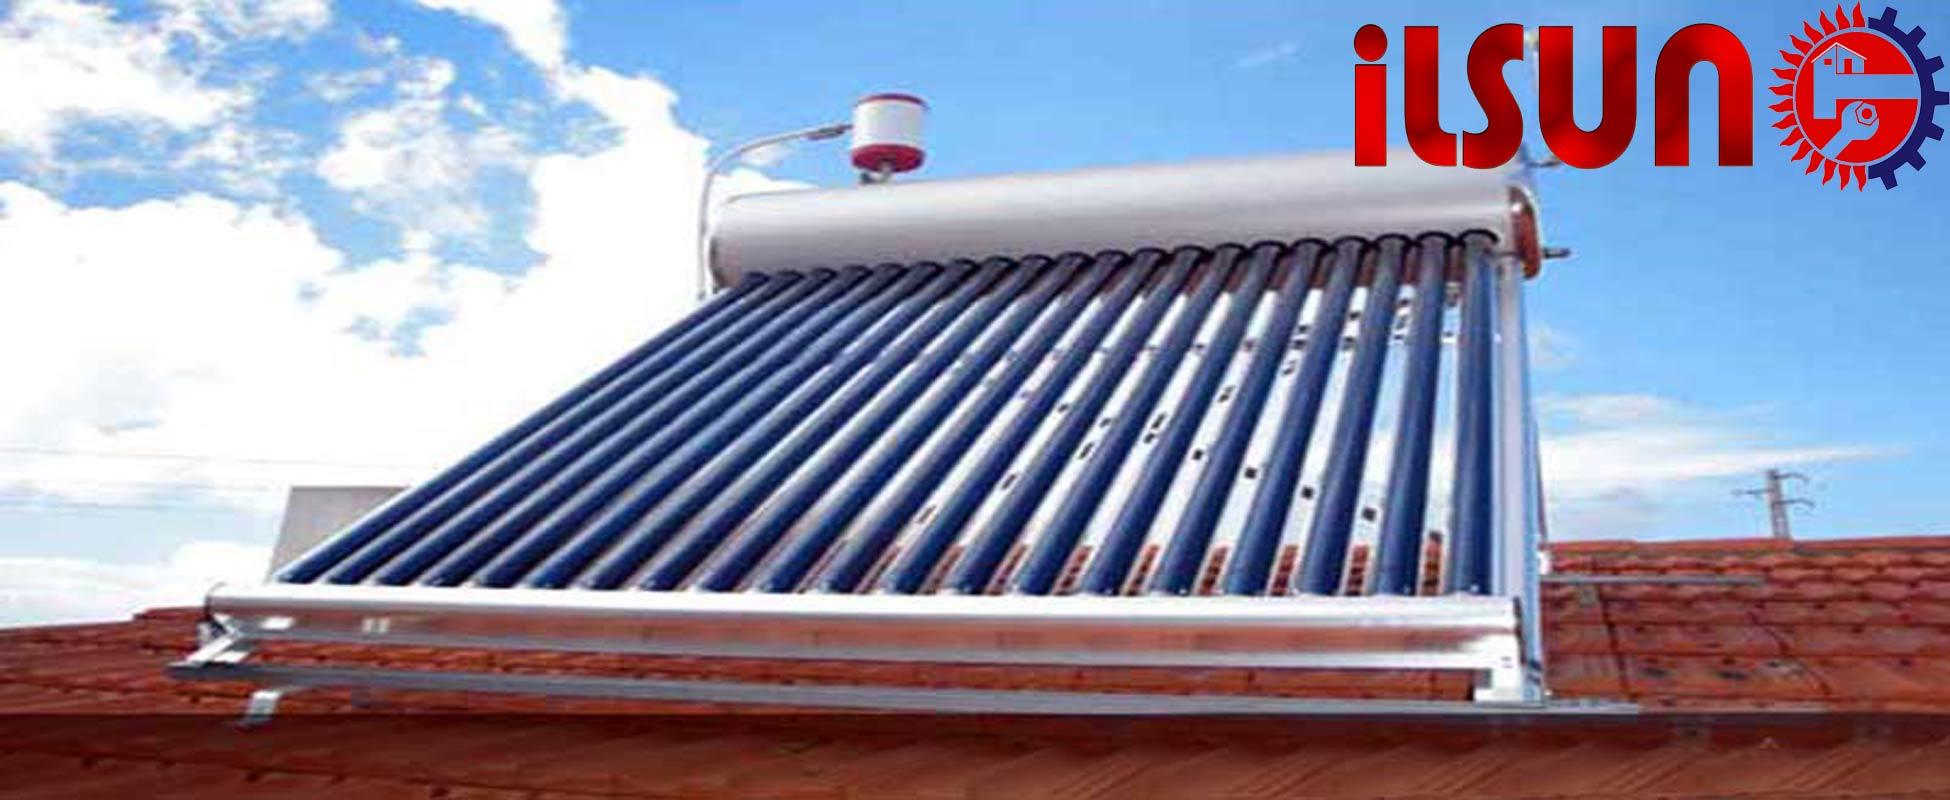 خرید آبگرمکن خورشیدی . بهترین زاویه برای نصب آبگرمکن خورشیدی